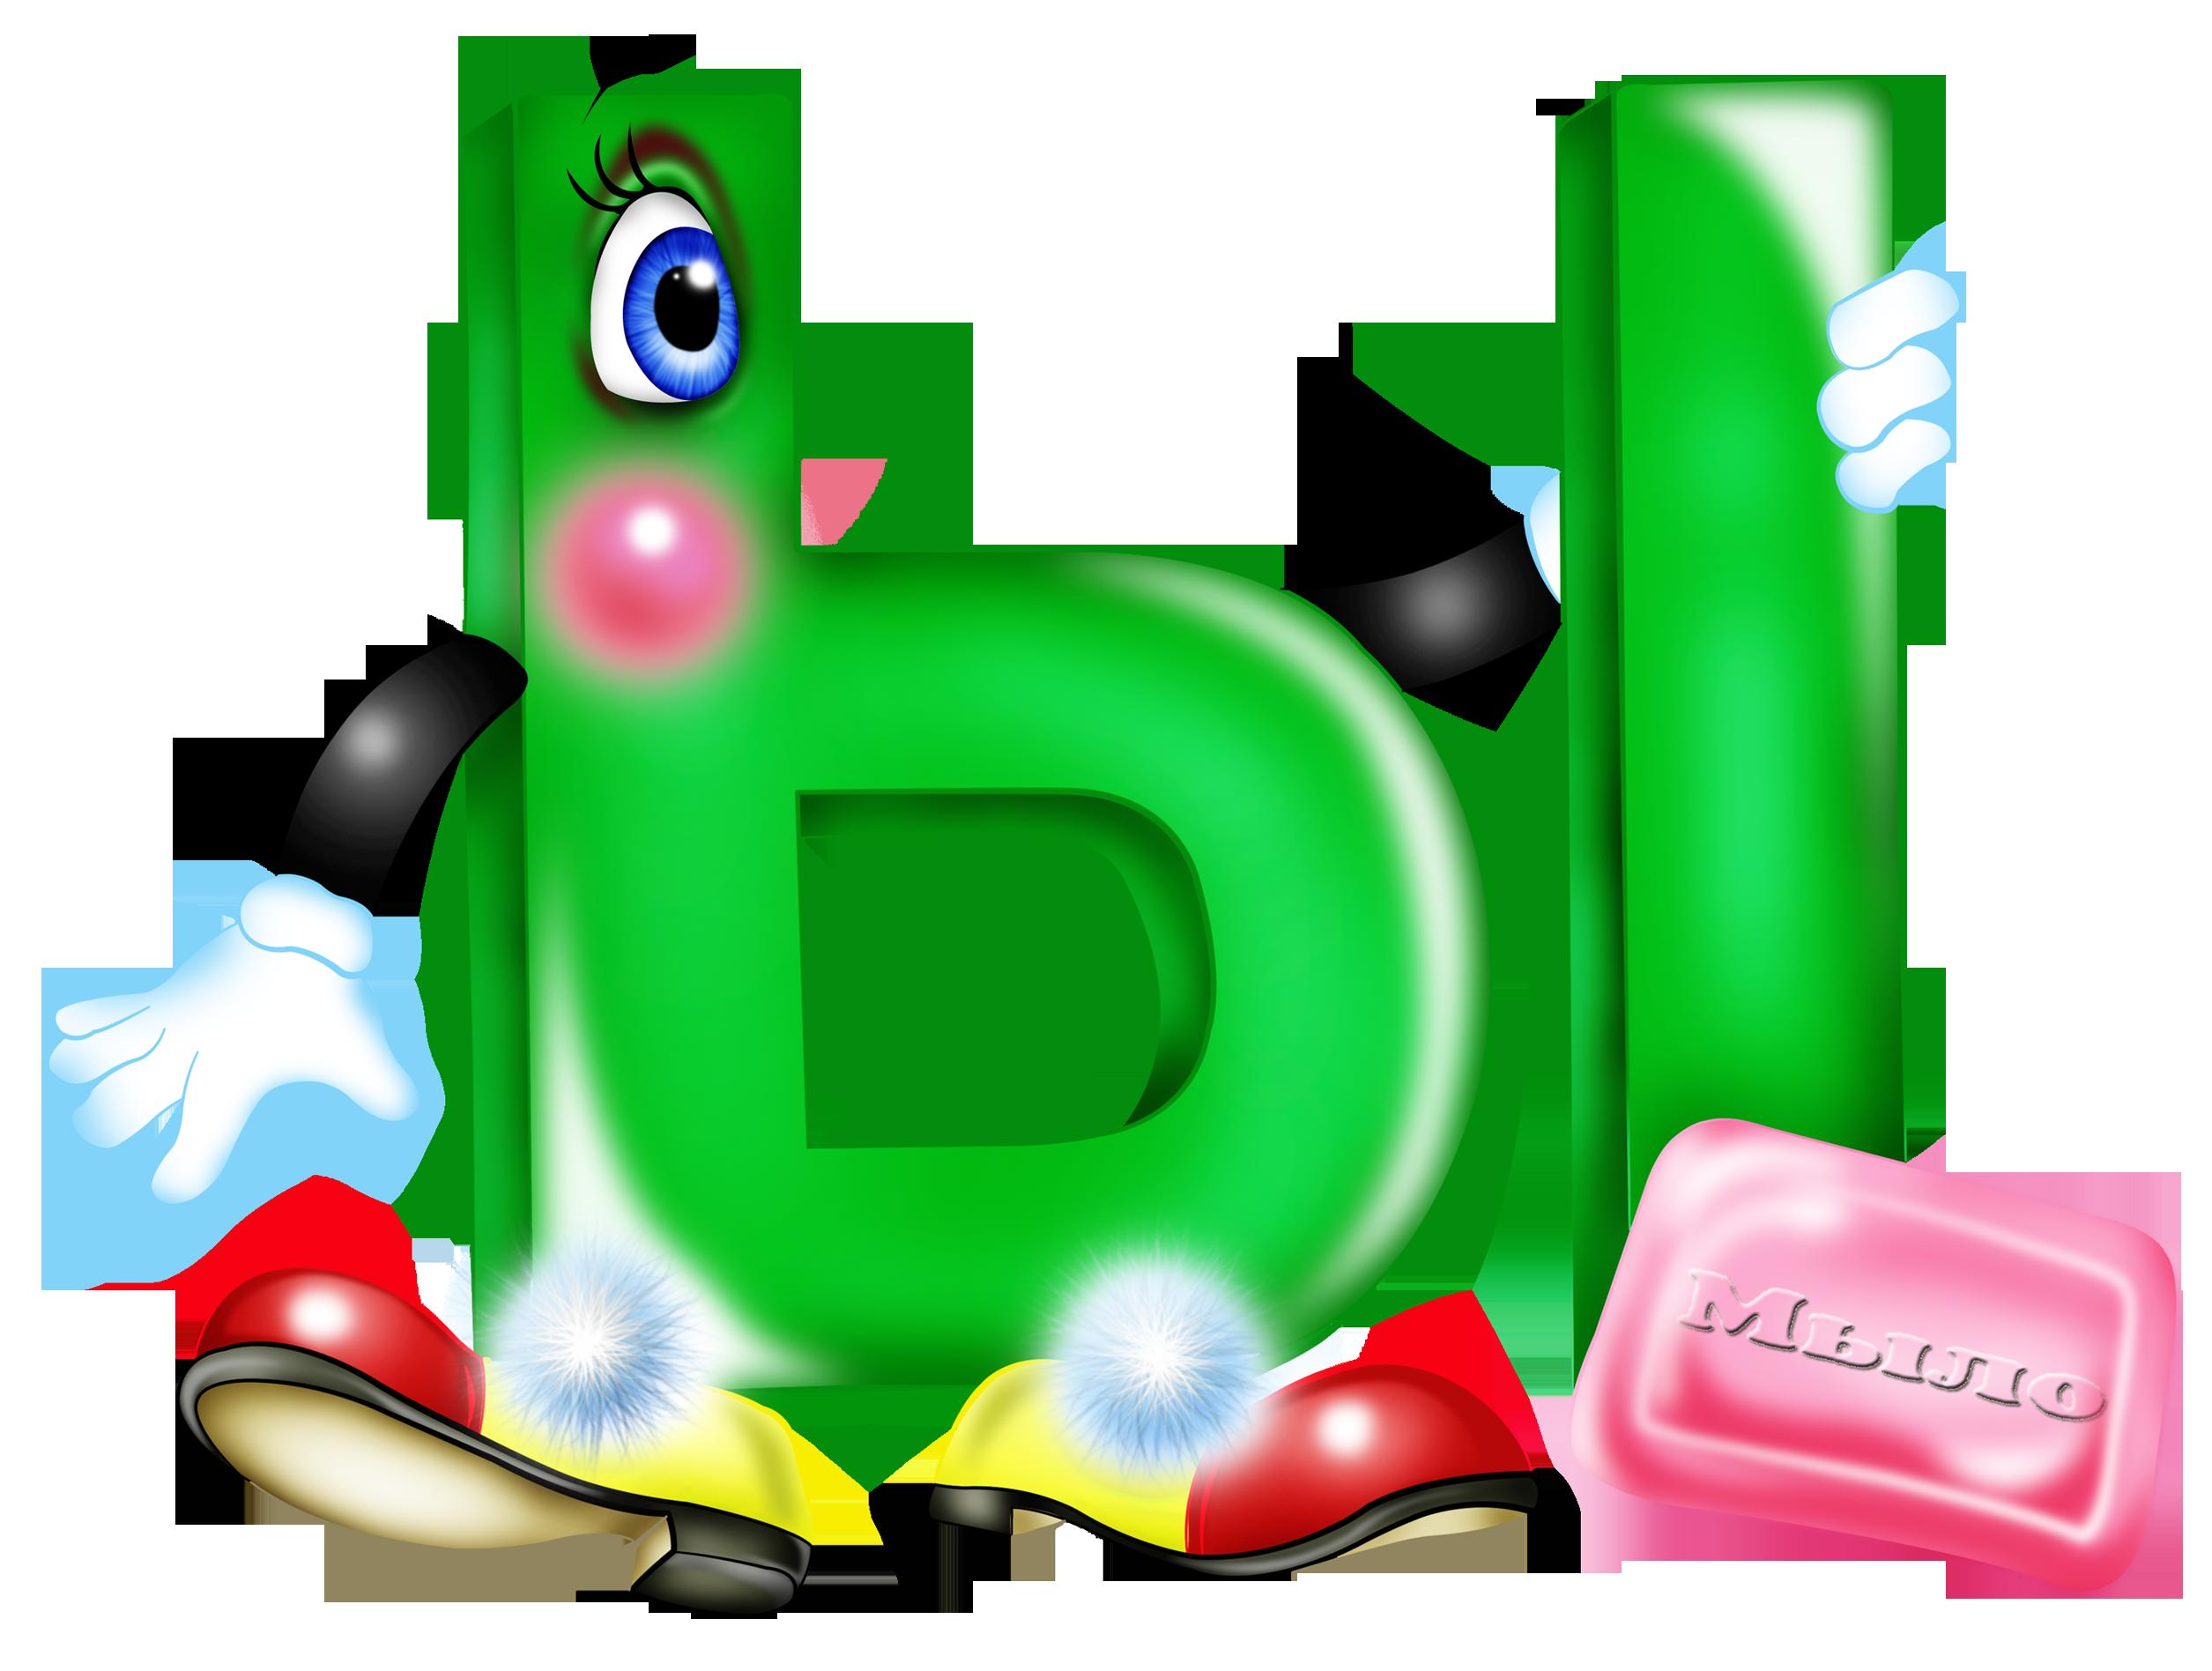 картинки пнг анимация все буквы алфавита манежи